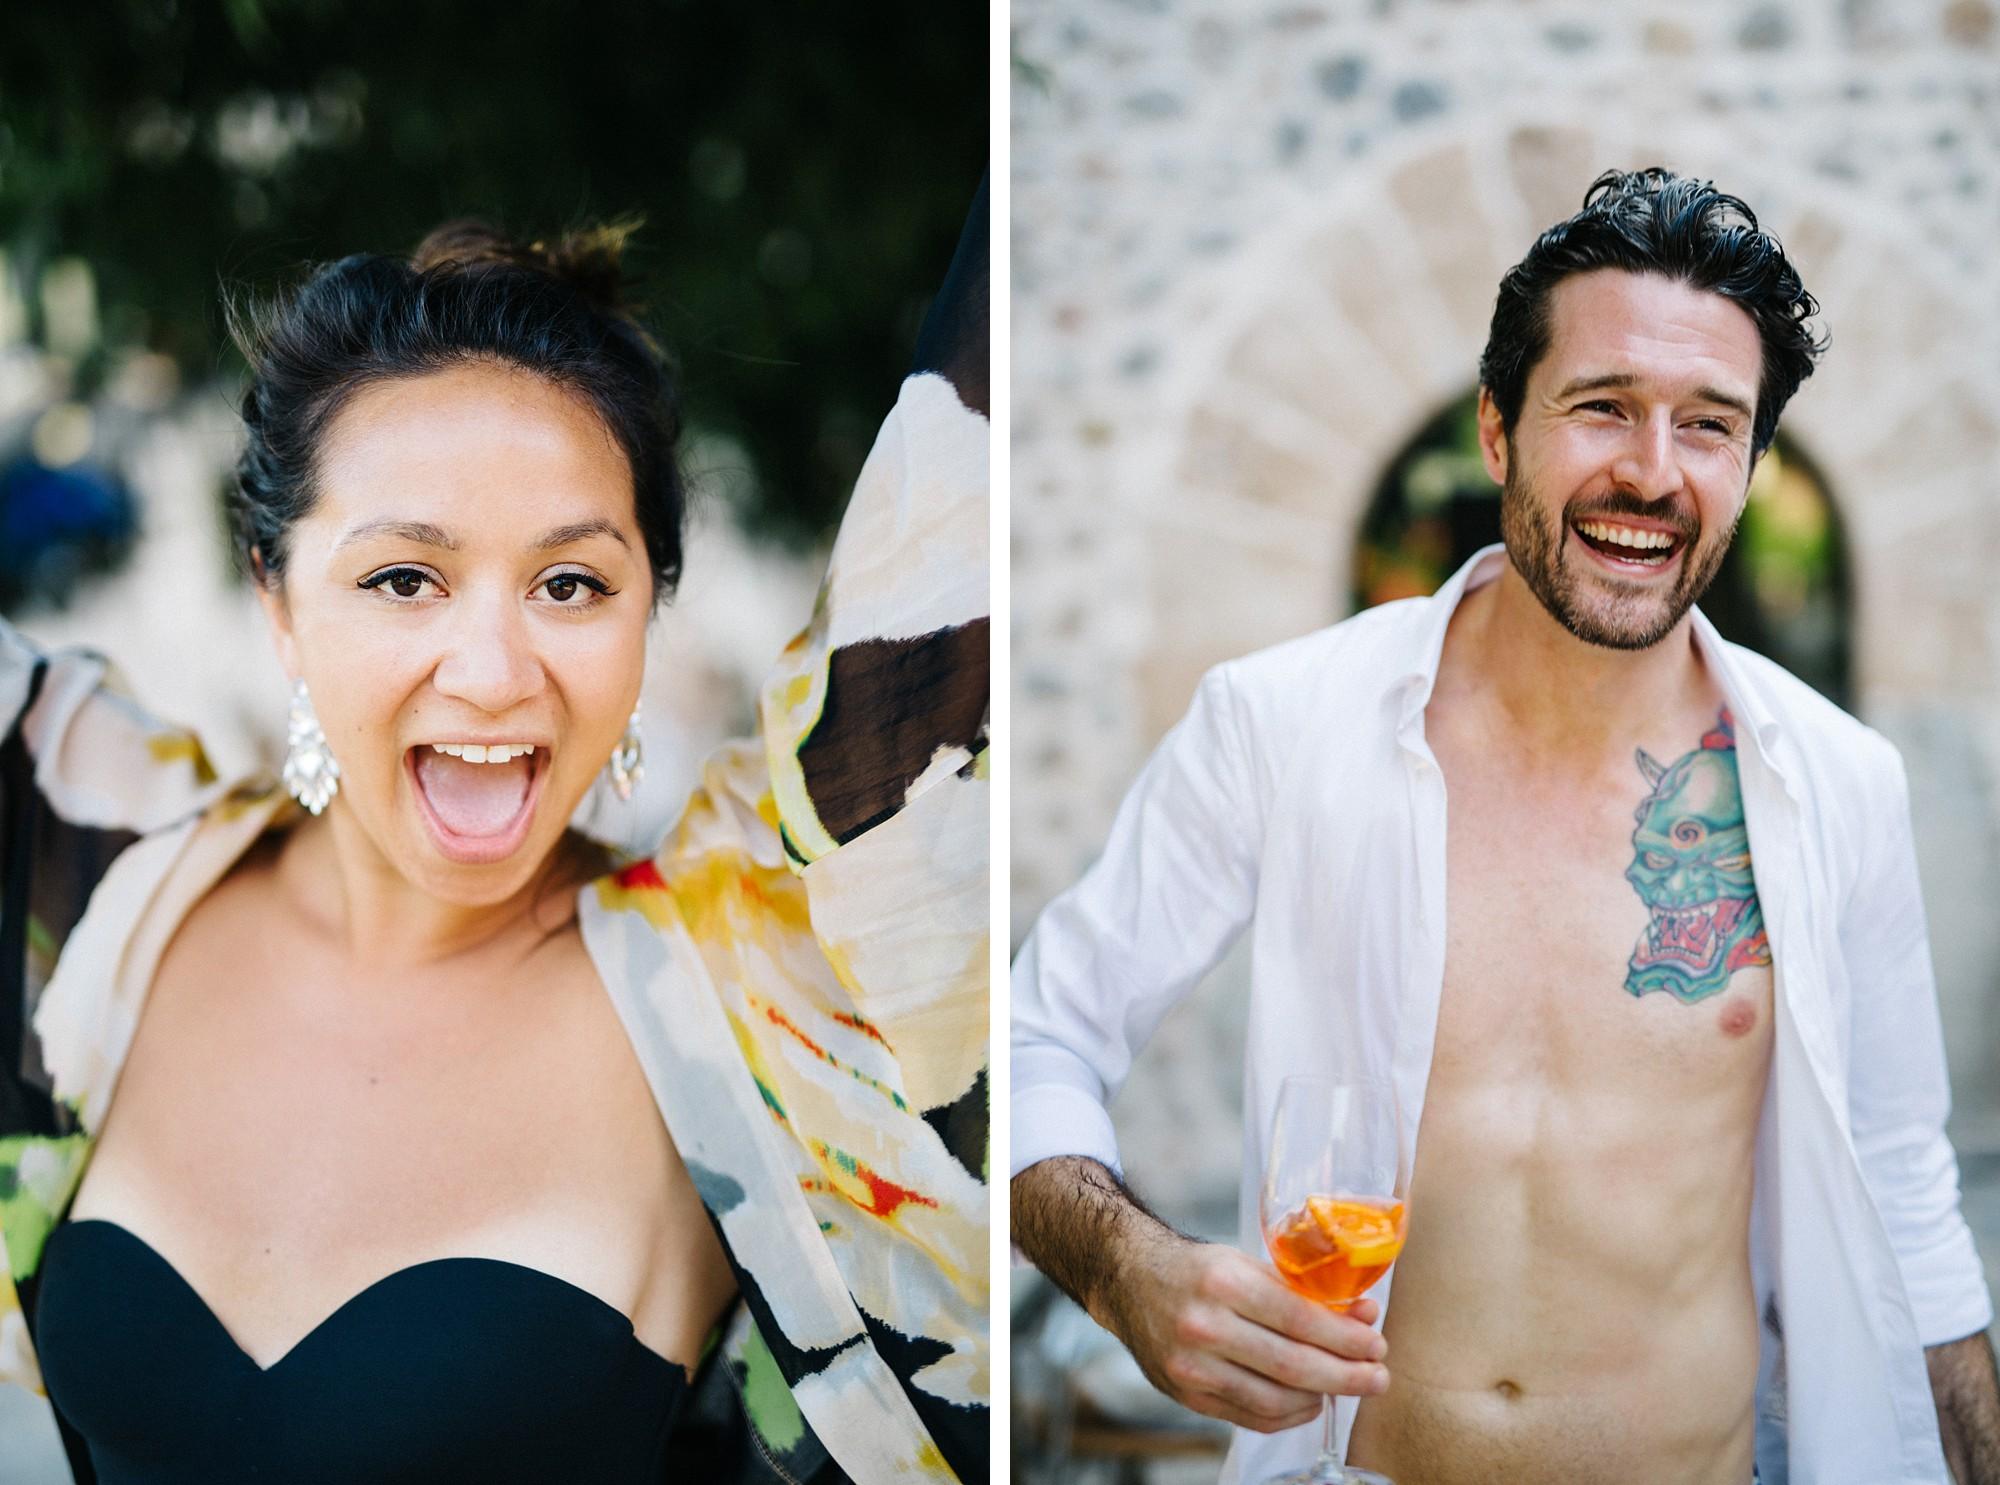 fotografos de boda en valencia barcelona mallorca wedding photographer159.jpg